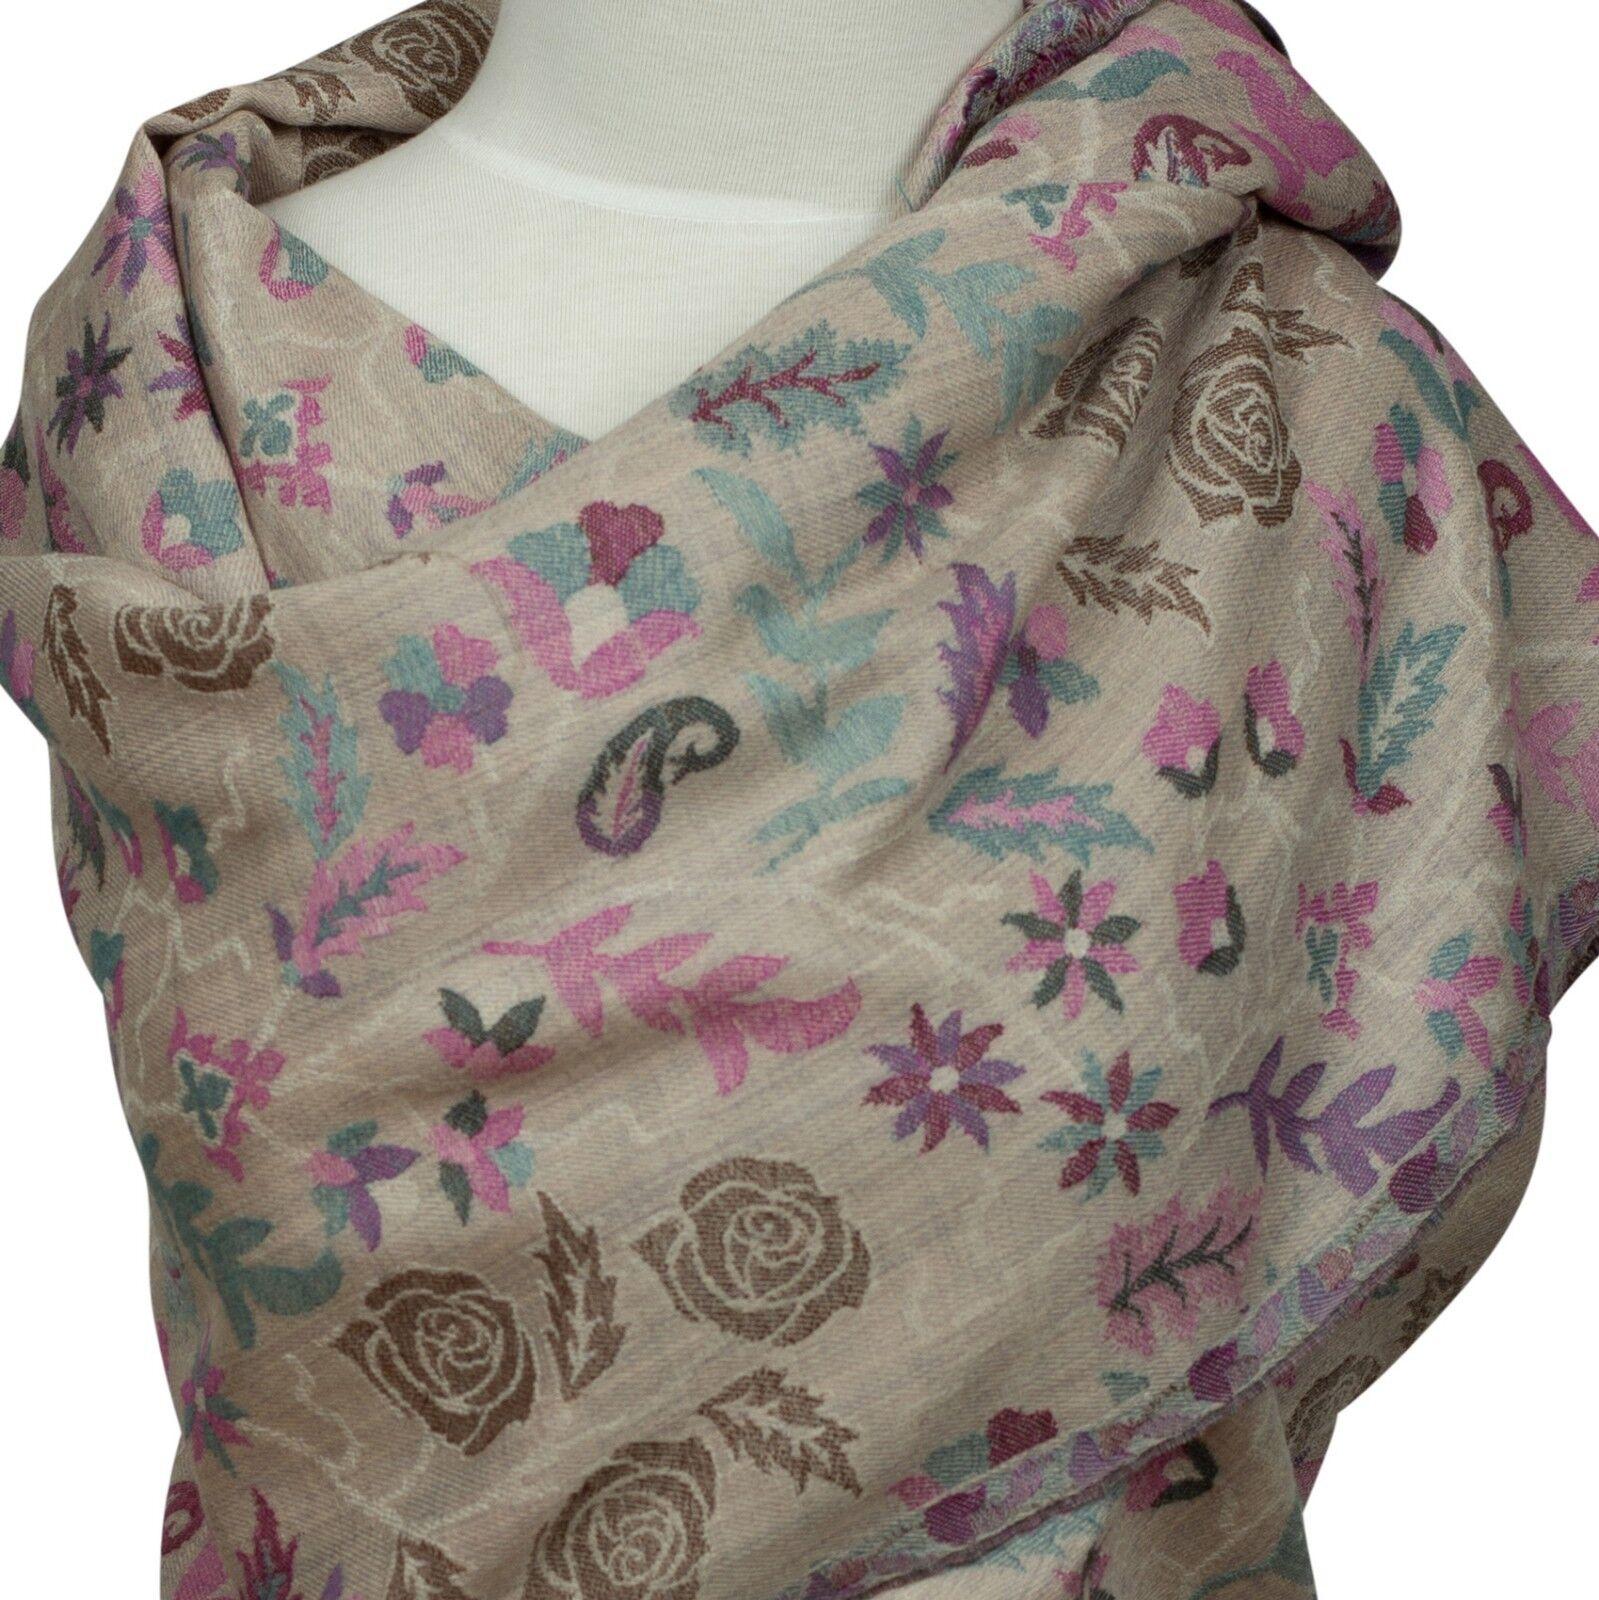 Kani Schal Stola Beige Rosan , scarf stole 100% 100% 100% Wolle wool  floral Rosas | Ideales Geschenk für alle Gelegenheiten  | Shopping Online  257c9b